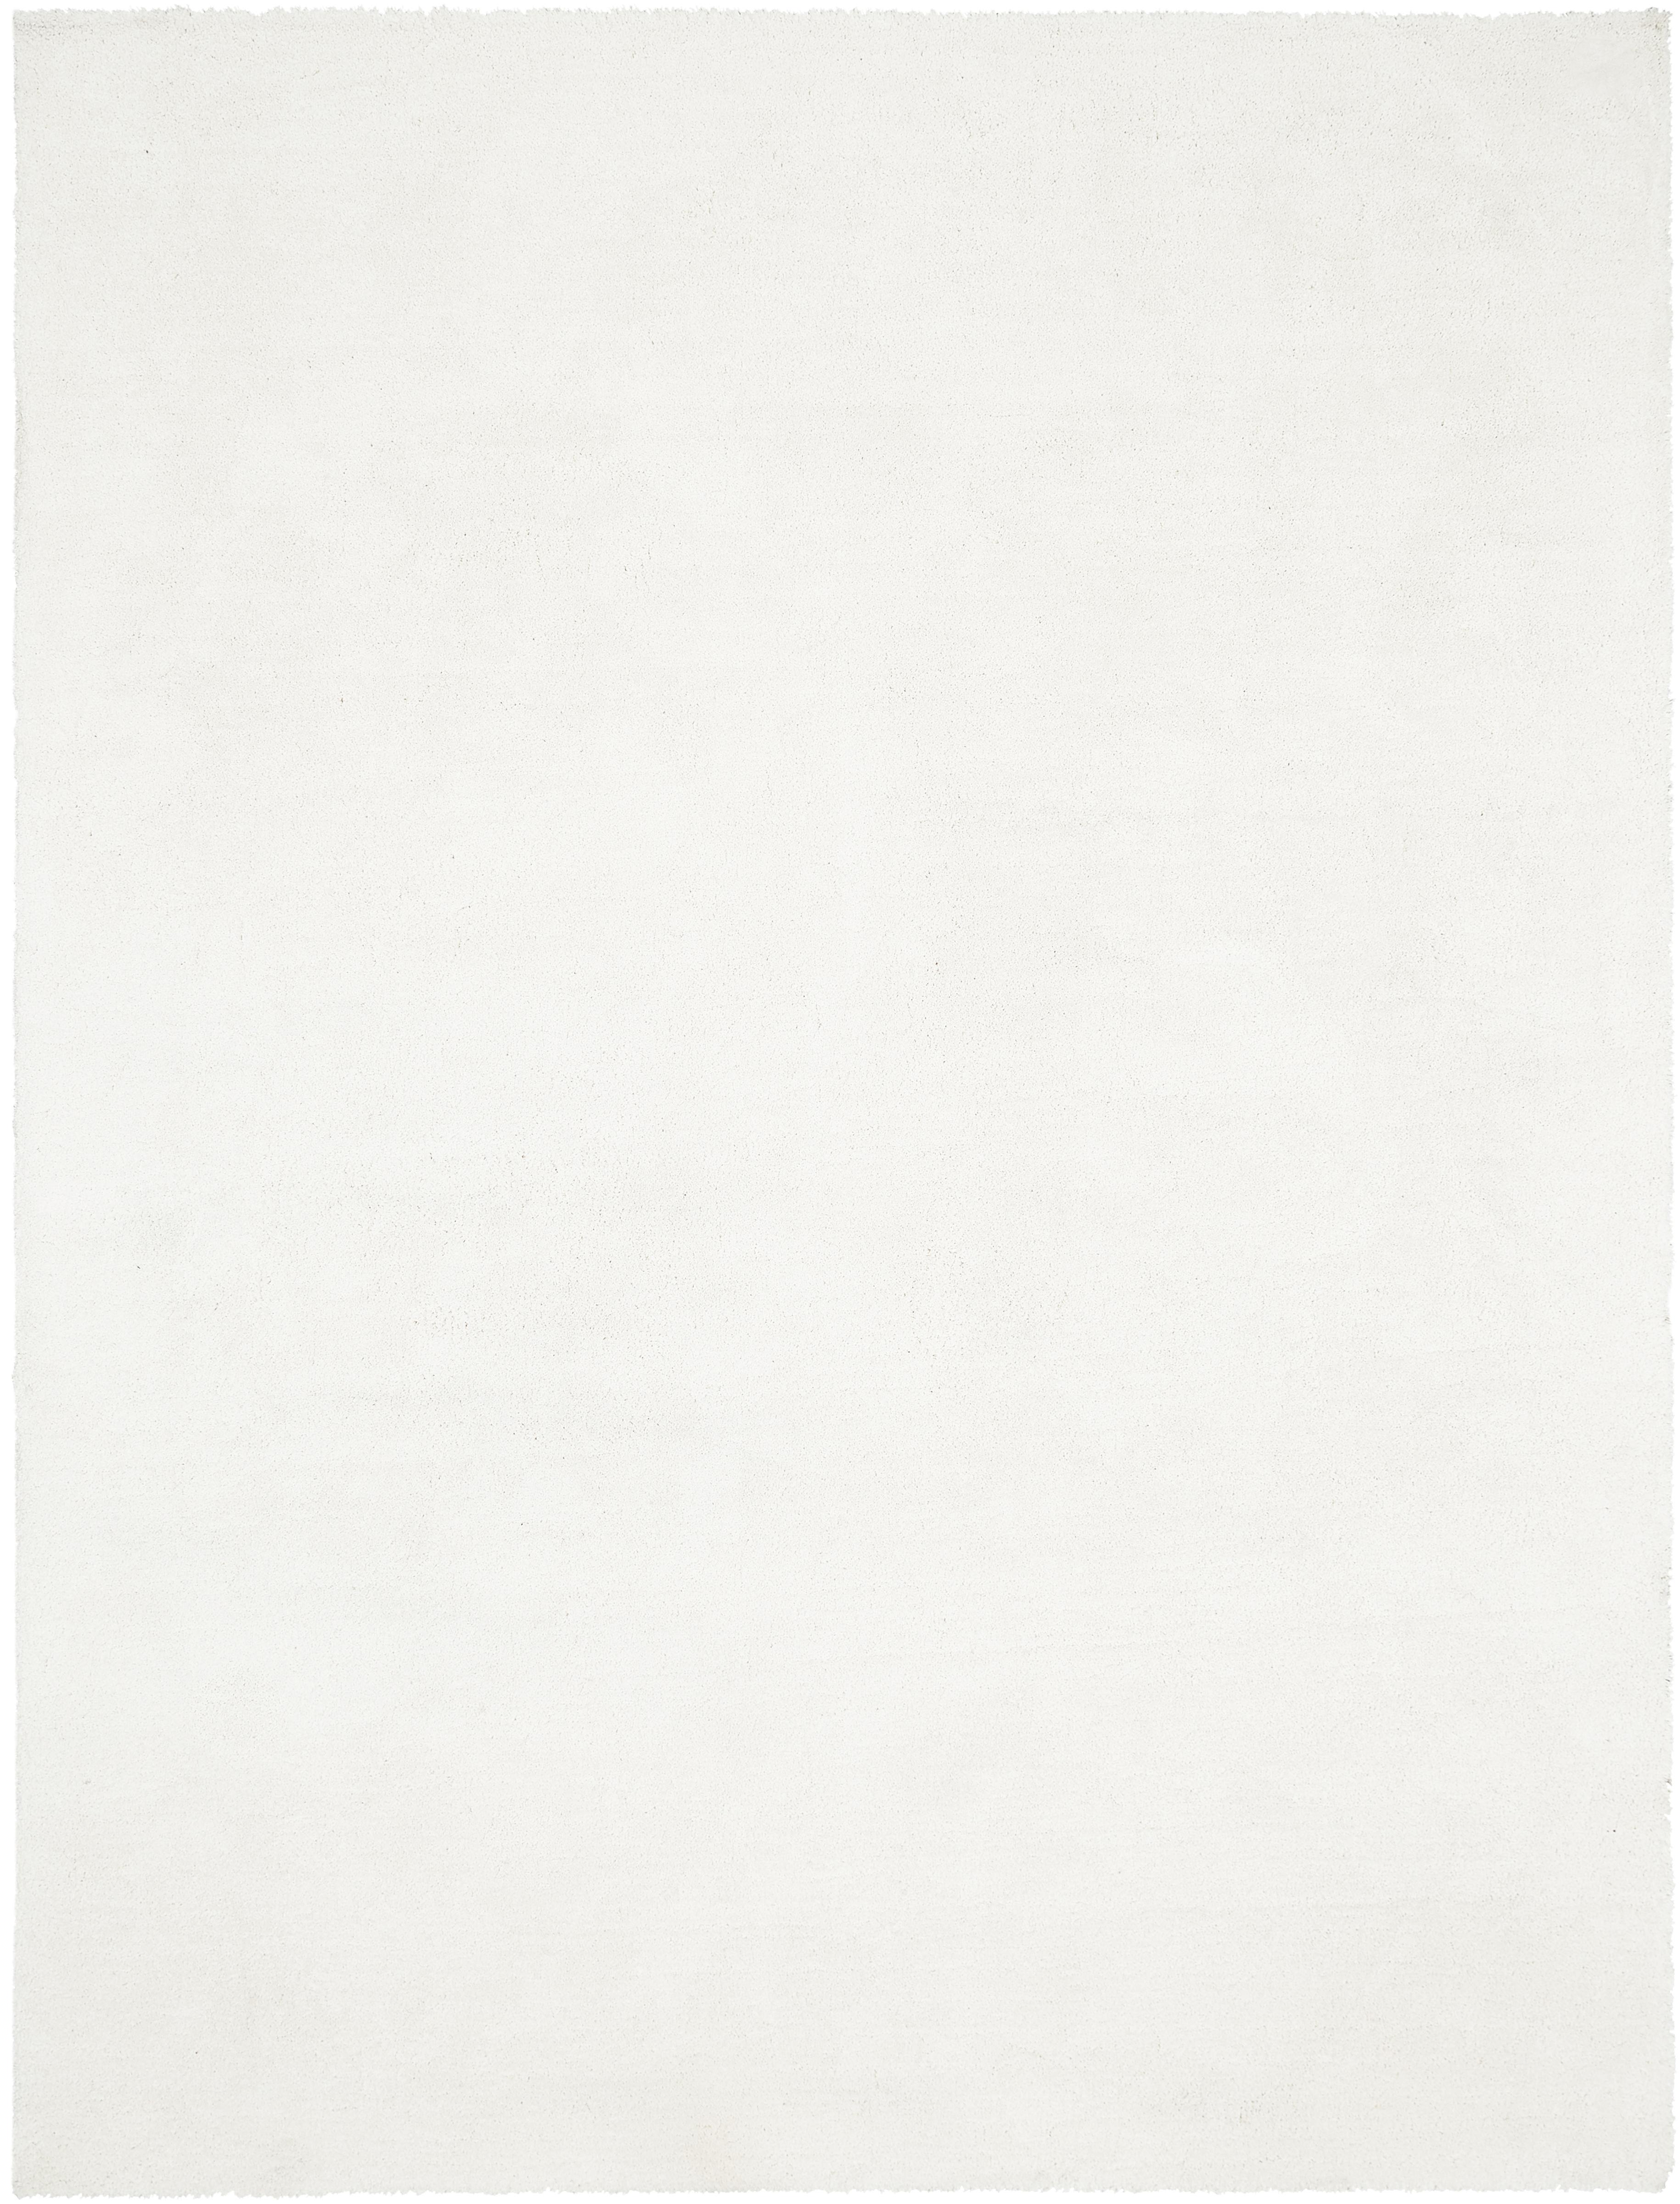 Pluizig hoogpolig vloerkleed Leighton in crèmekleur, Bovenzijde: 100% polyester (microveze, Onderzijde: 70% polyester, 30% katoen, Crèmekleurig, B 300 x L 400 cm (maat XL)